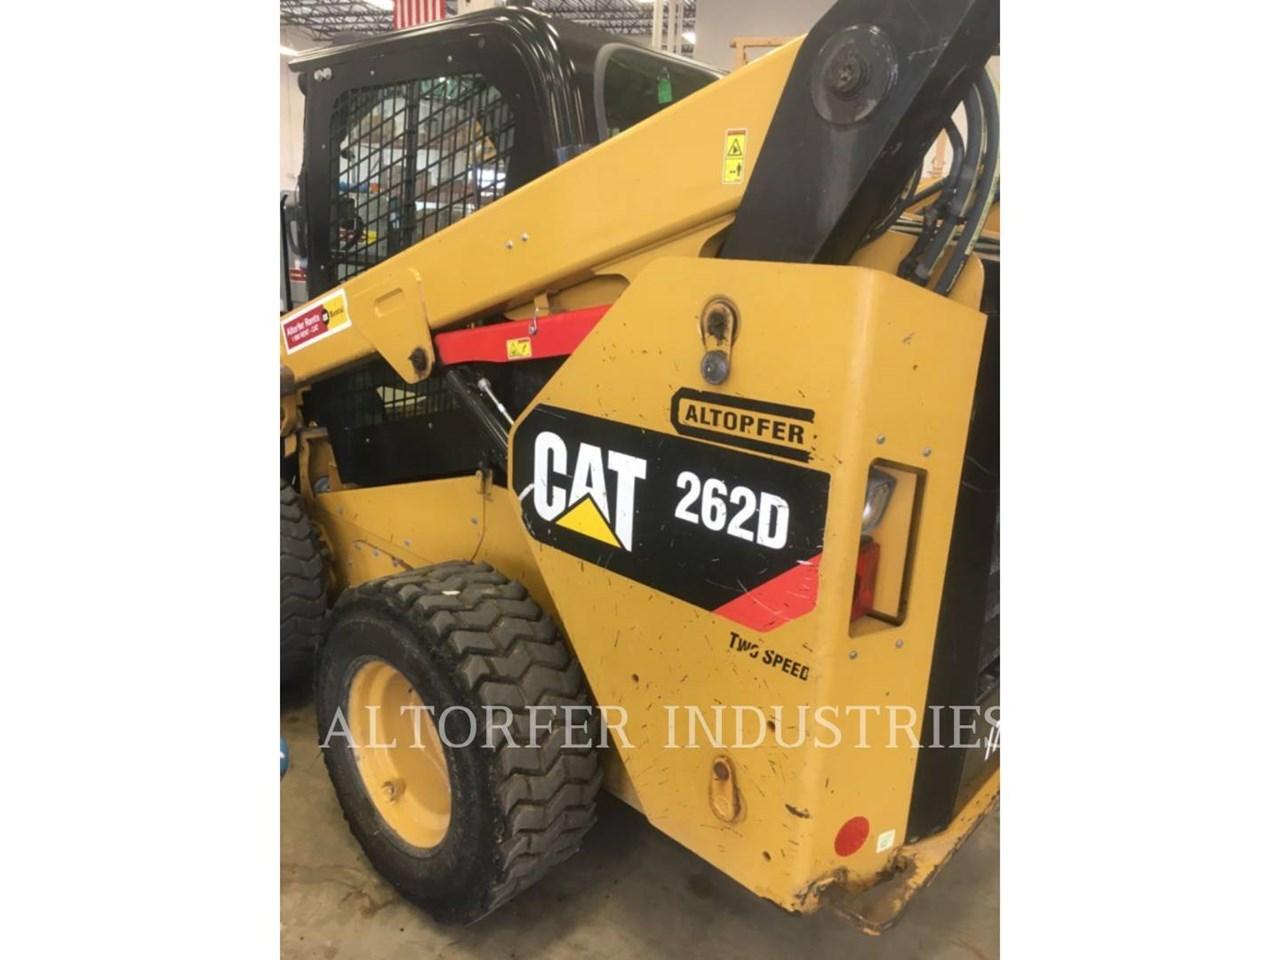 2017 Caterpillar 262D Image 4